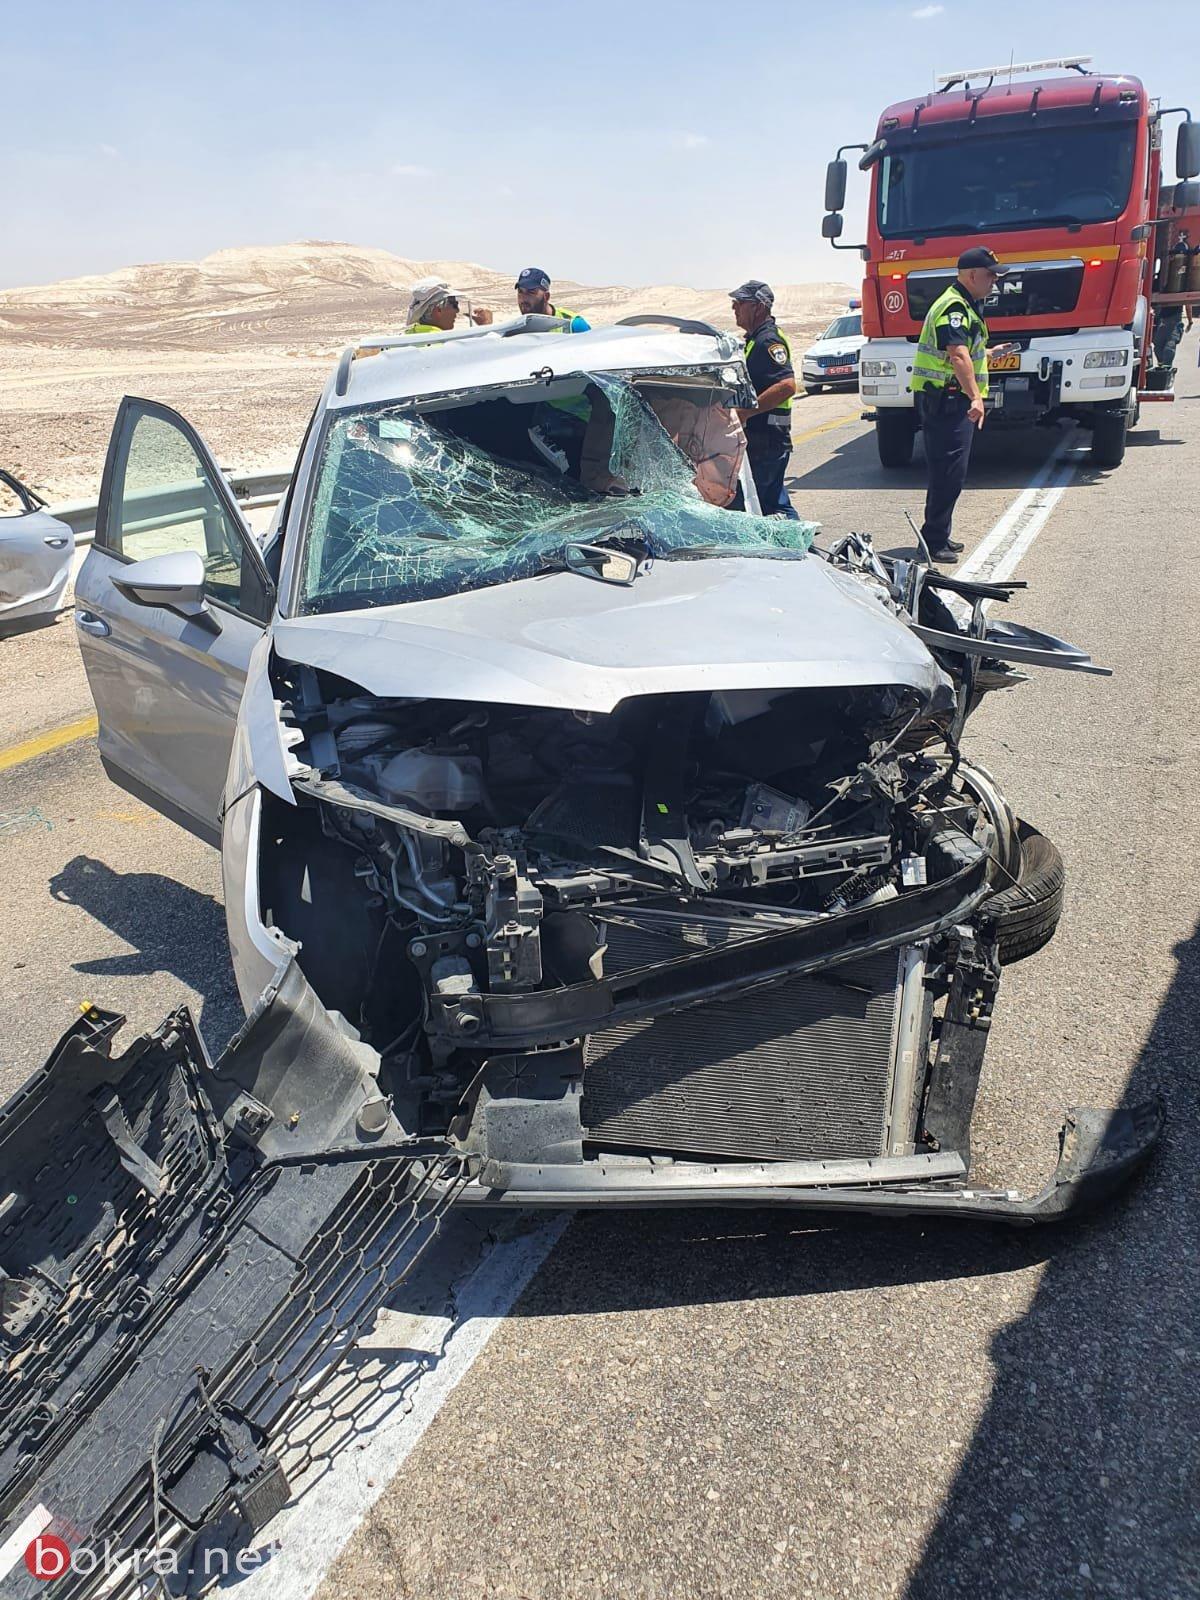 مصرع شخص واصابة 6 اشخاص في حادث طرق في العرابا-1